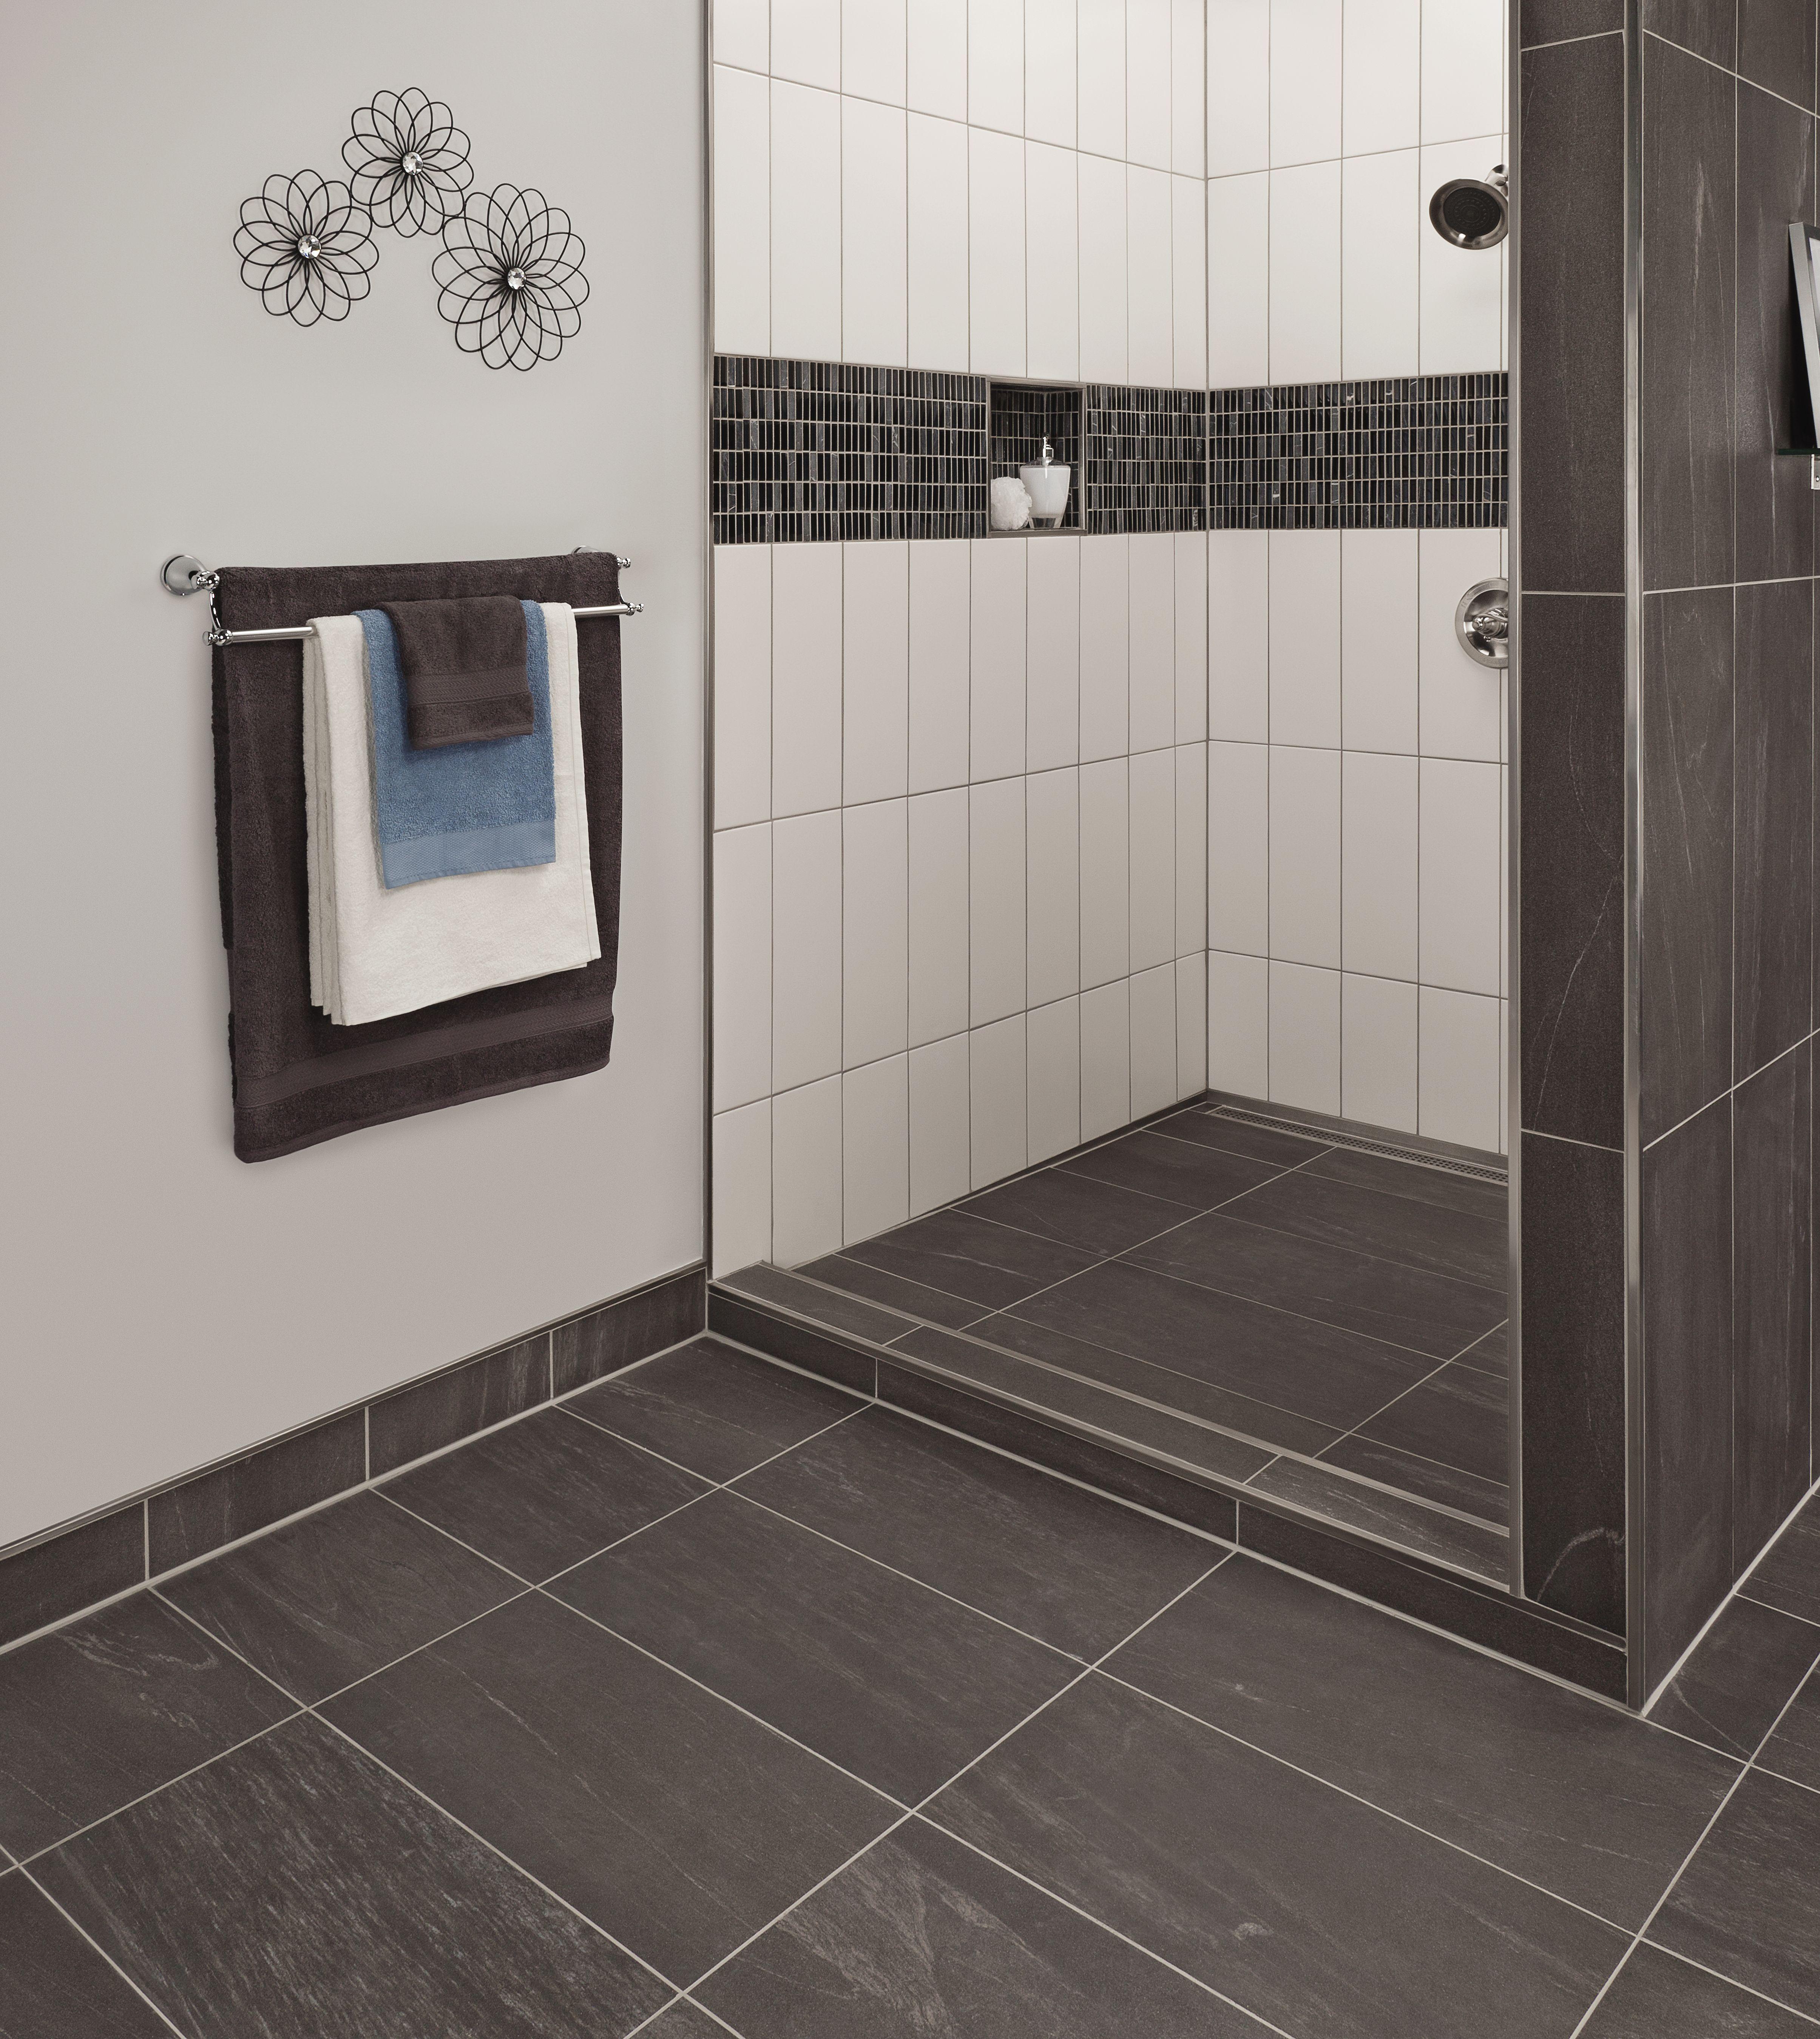 Subway Station   schluter.com   Bath in 2019   Toilet ...